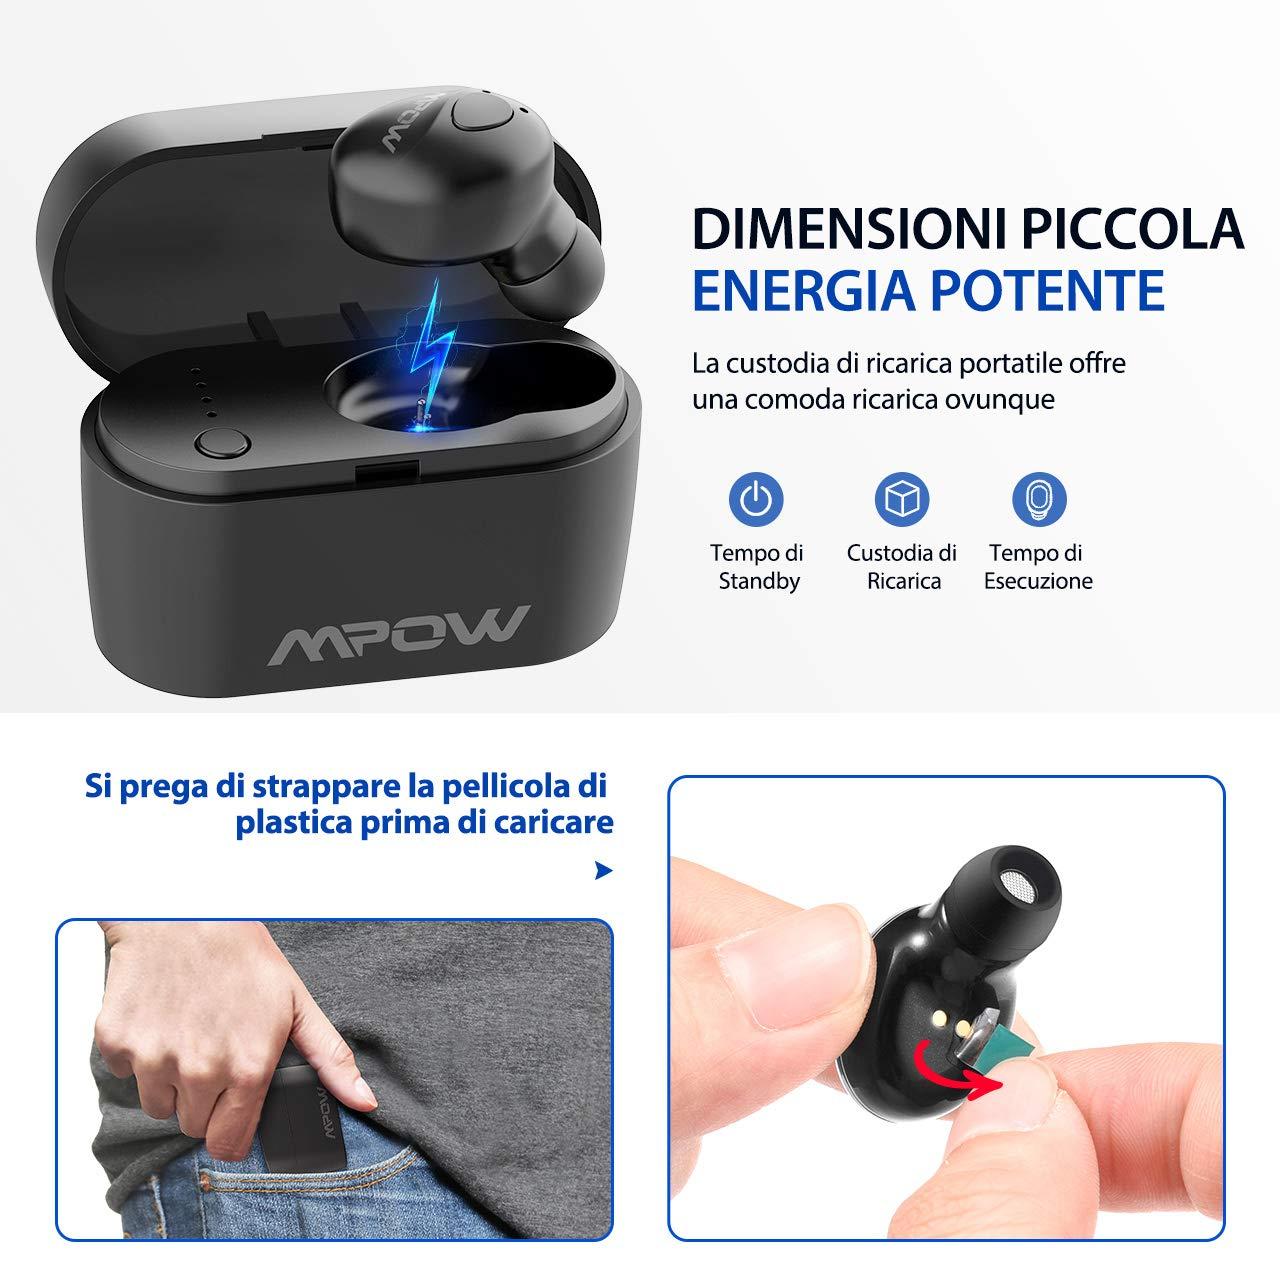 Mpow Auricular Bluetooth 5.0, EM14 Mini Auricular Inalámbrico Manos Libres con Caja de Carga Portátil, Auriculares Invisible Micrófono In-Ear Estéreo ...